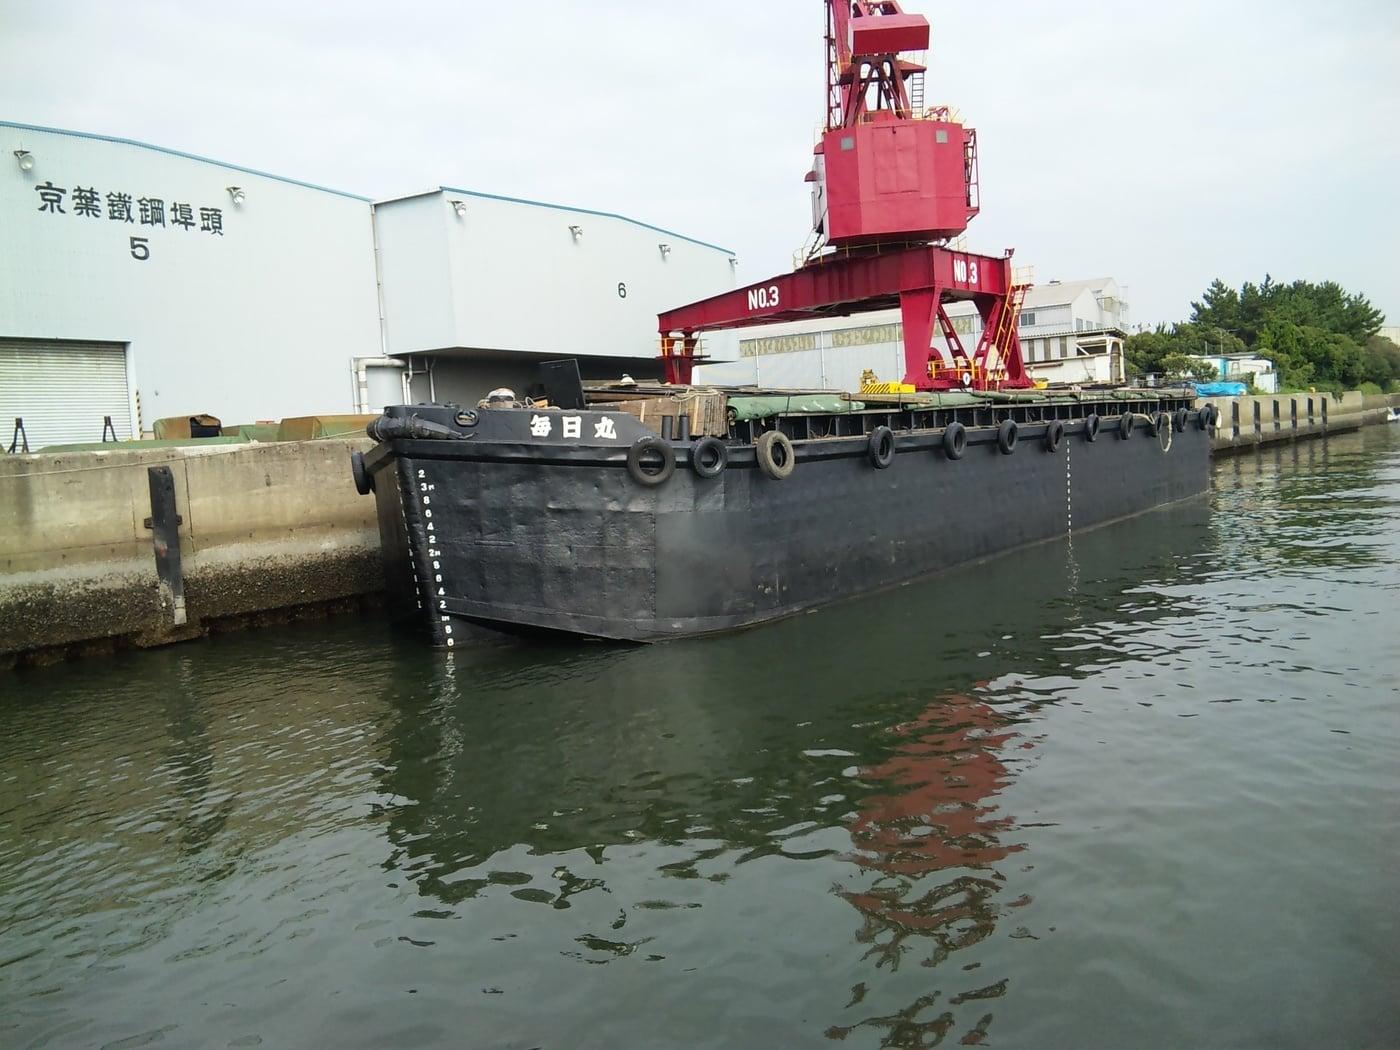 1961年の創業以来、東京湾を舞台に「海と陸の架け橋」として多くのイベント・港湾事業に関わってきた二光商運です。